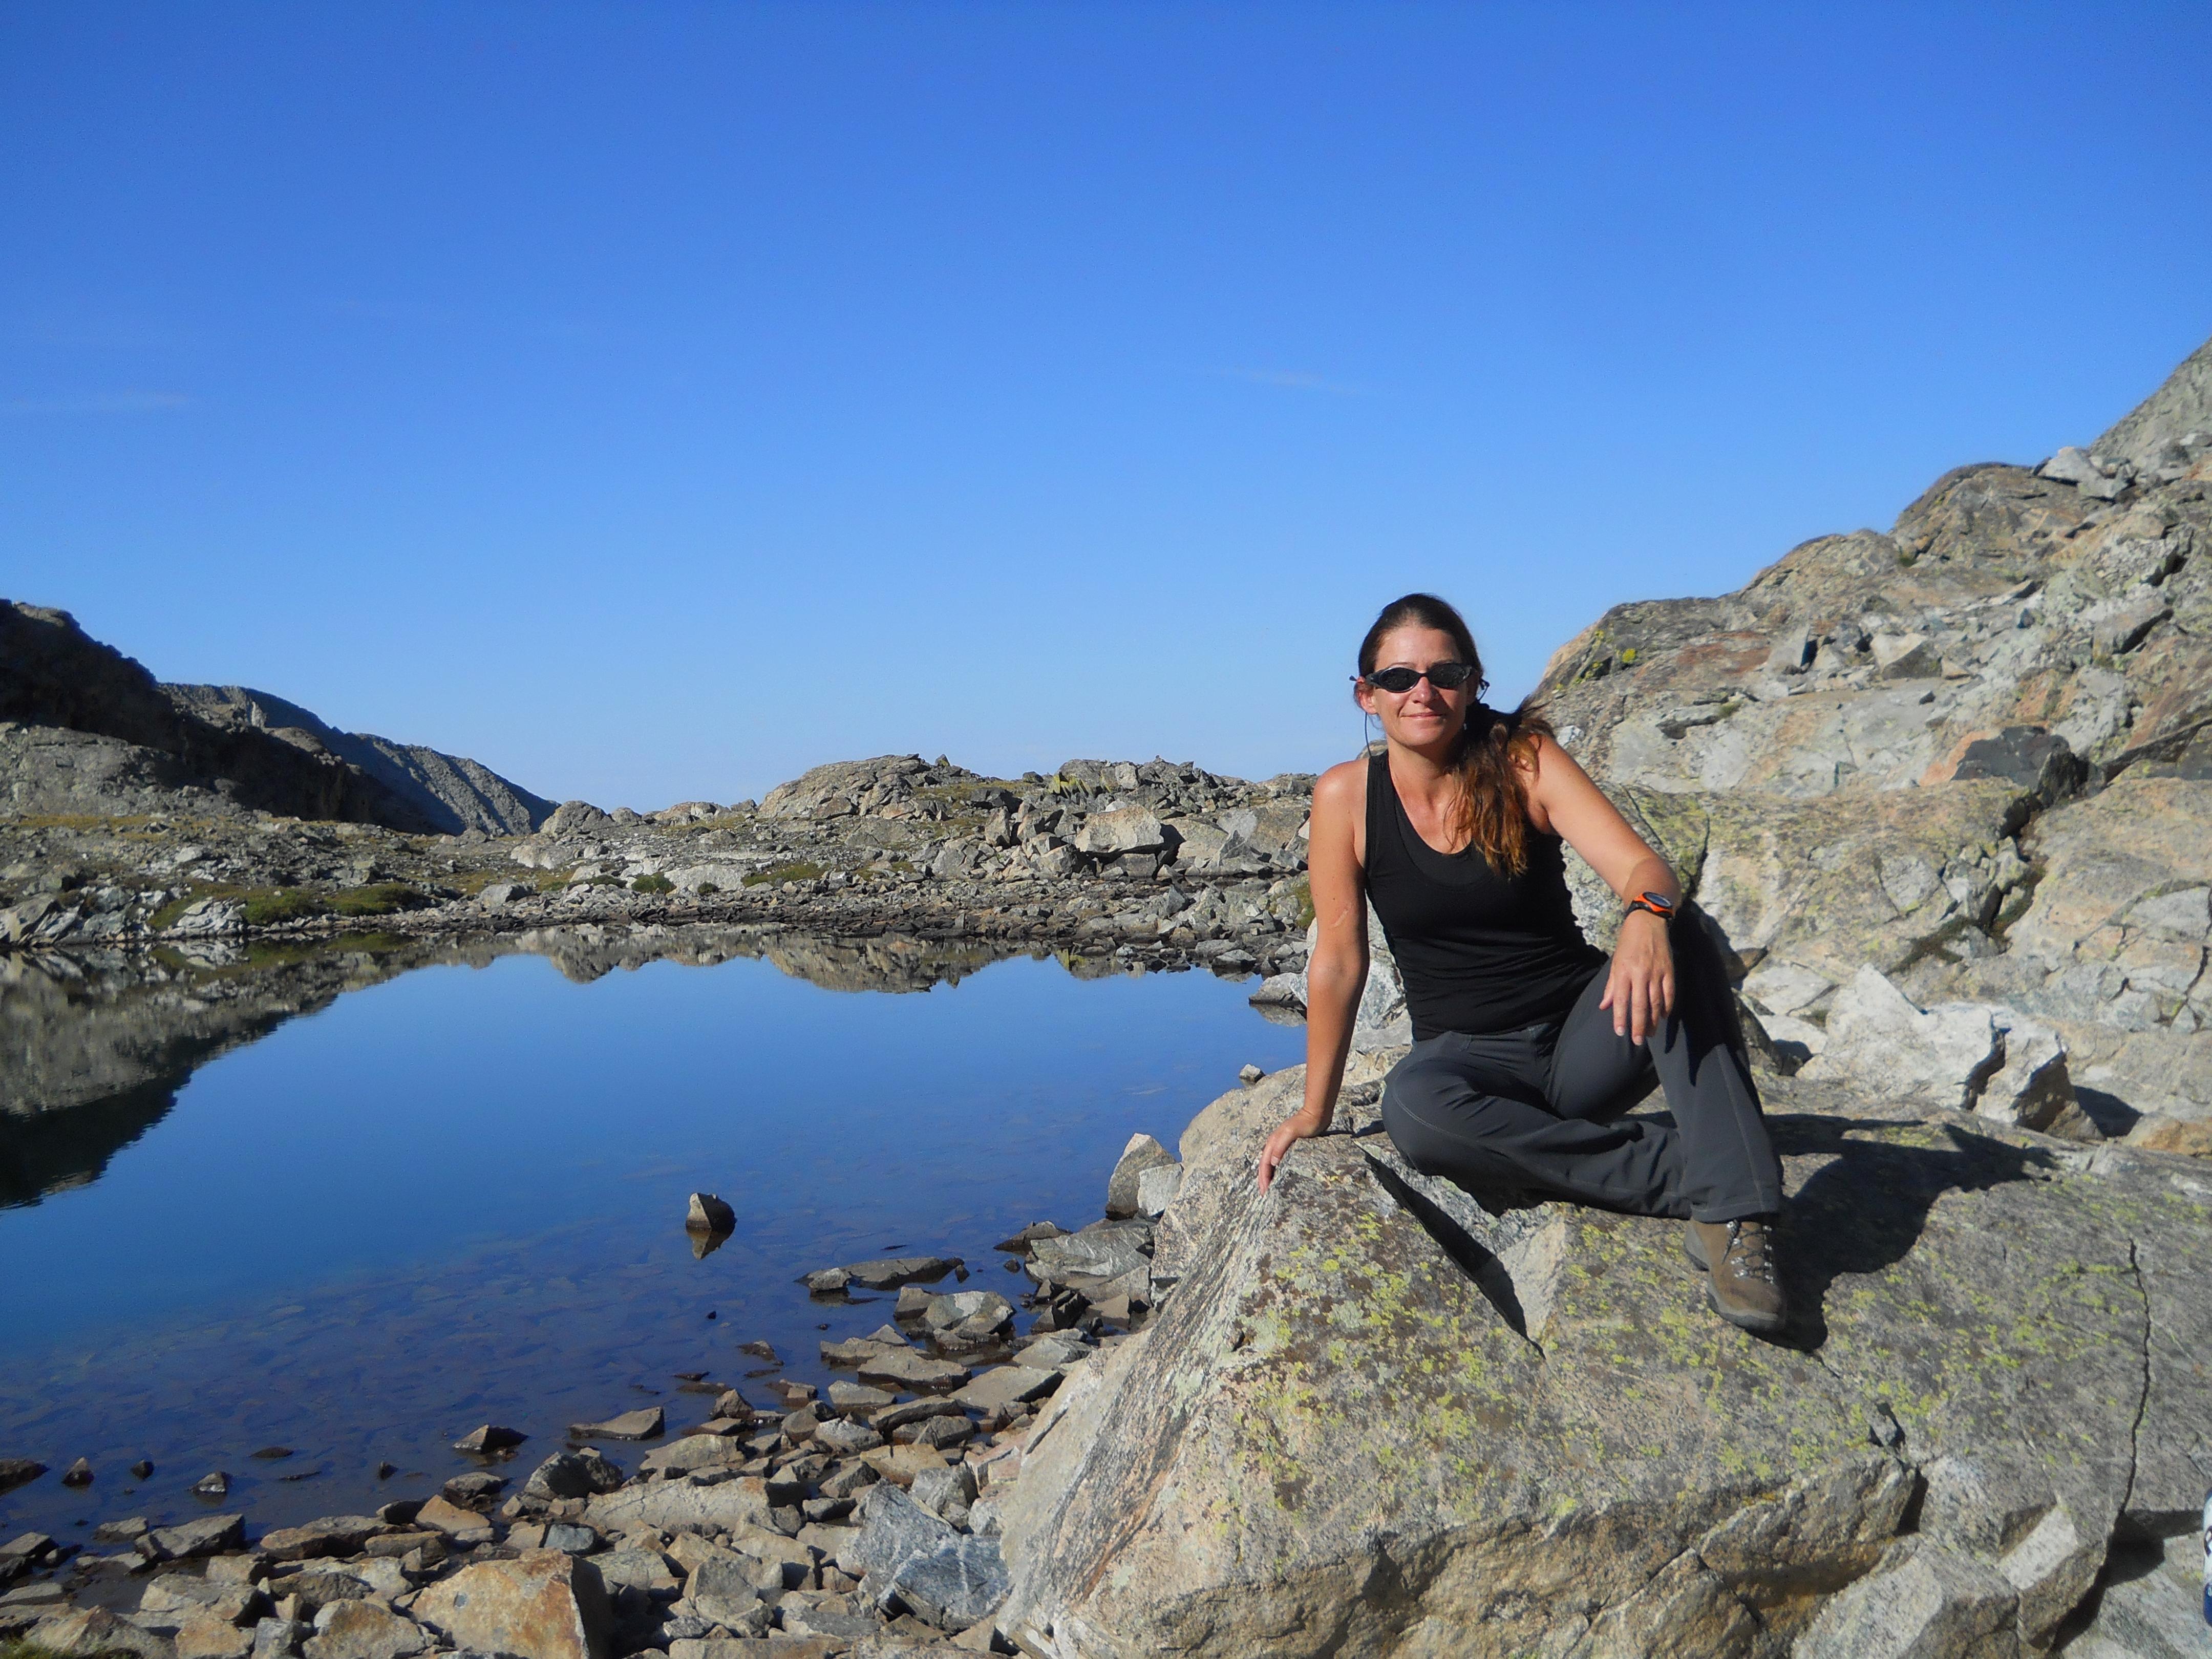 At Blanca Peak, CO